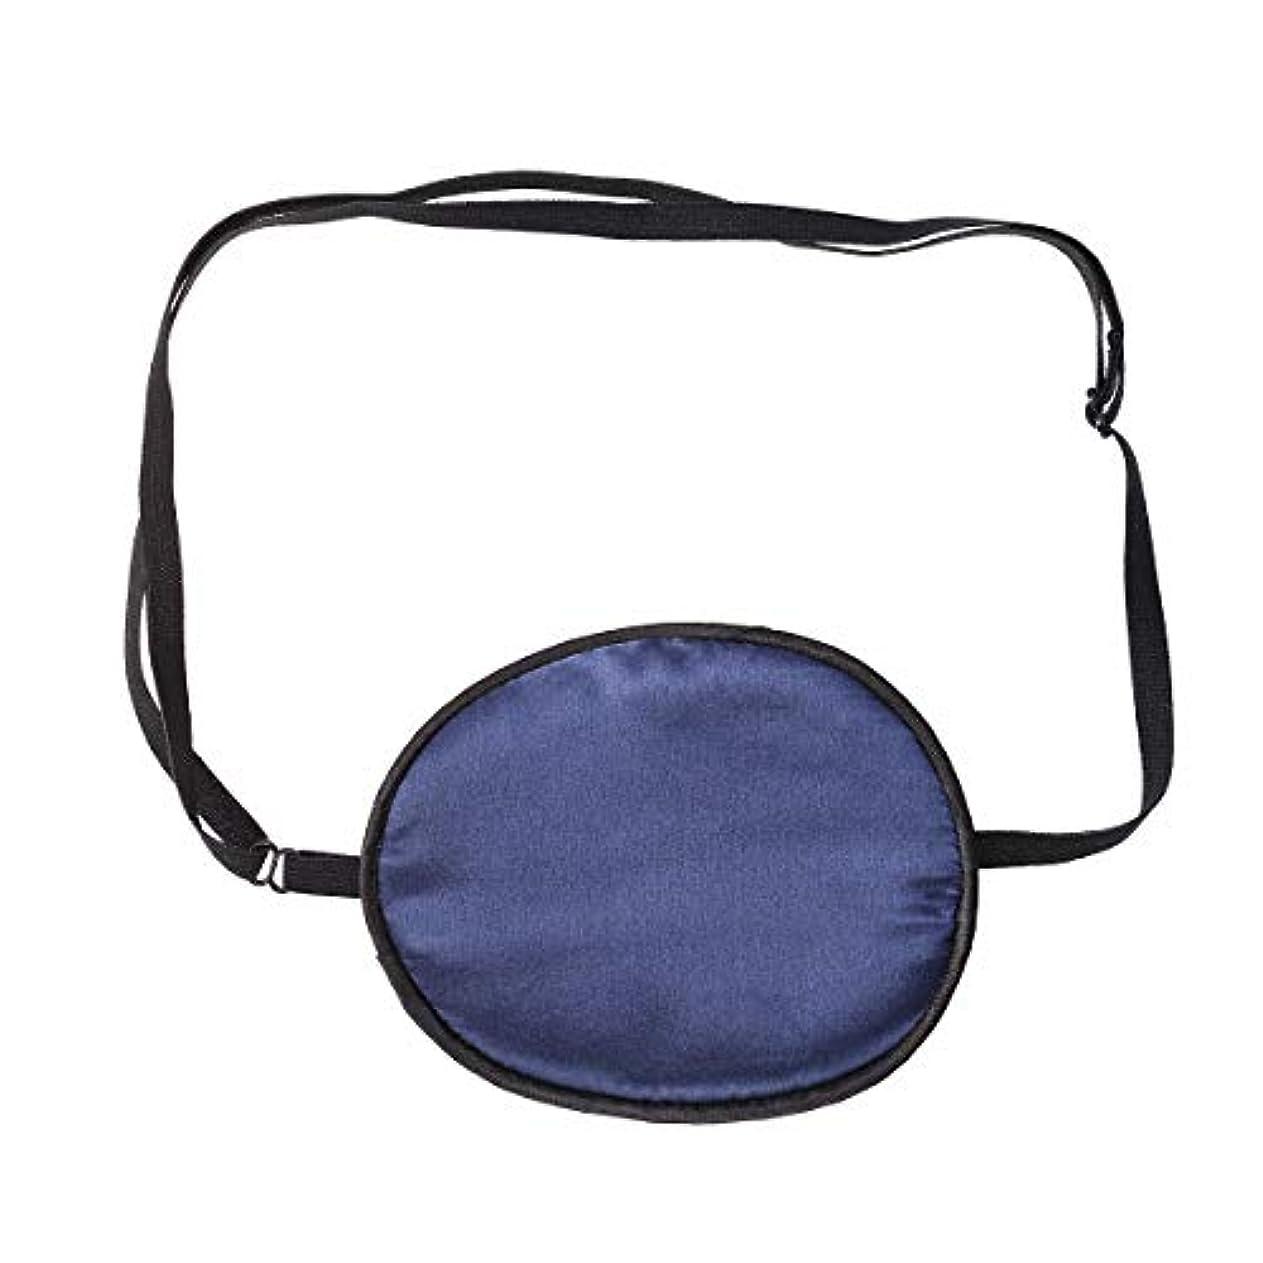 リングバック爆発するペグSUPVOX シルクアイパッチソフトで心地良い弾力のあるアイパッチ大人のための漏れのない滑らかな目の失明斜視(ネイビー)